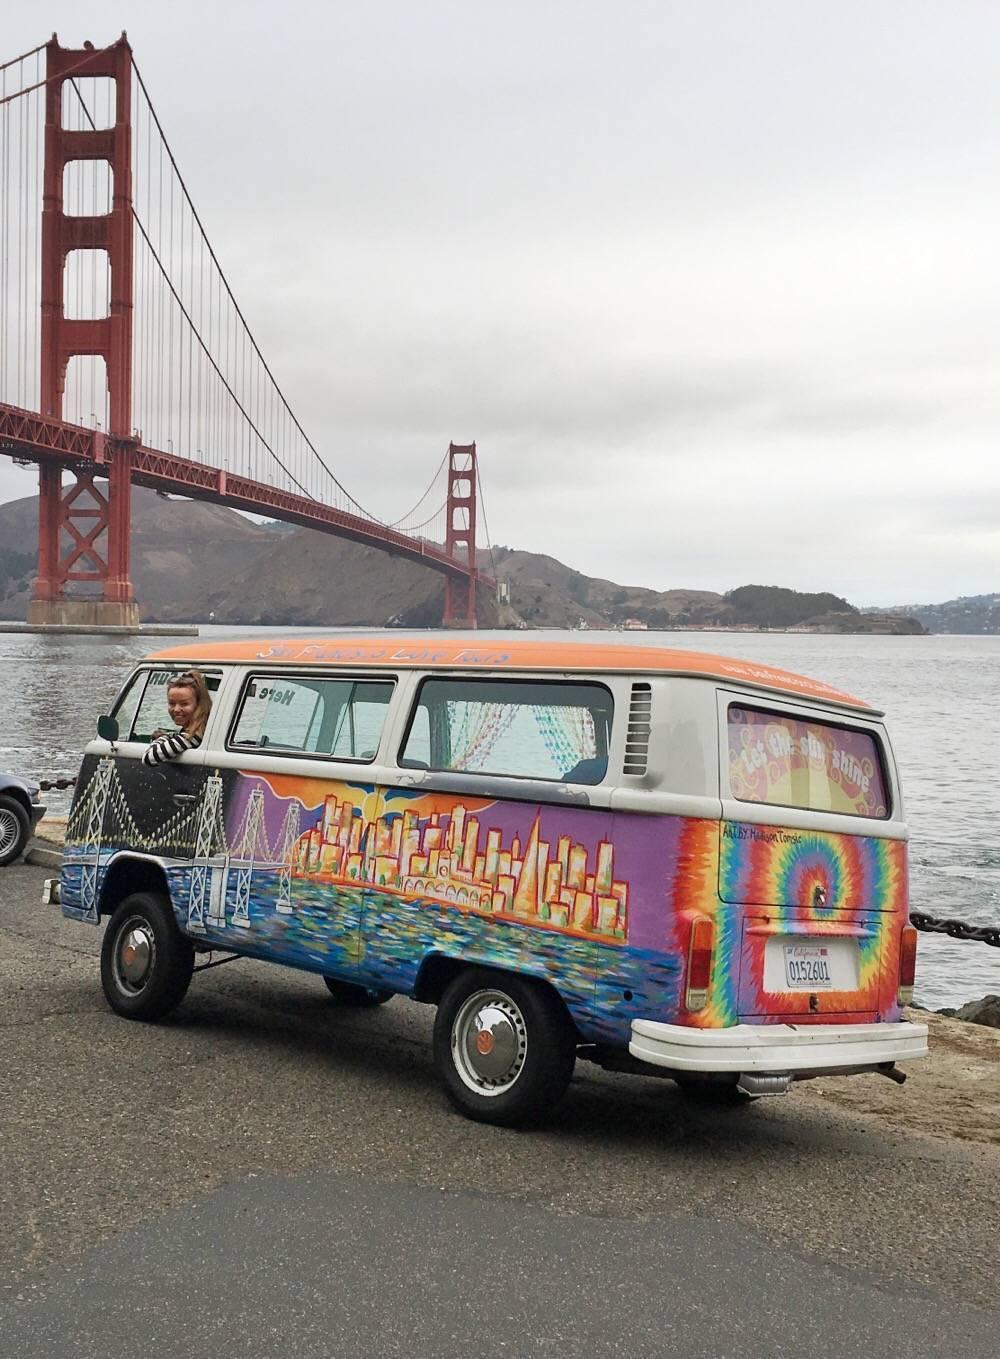 San Francisco Love Tours - OHIMP